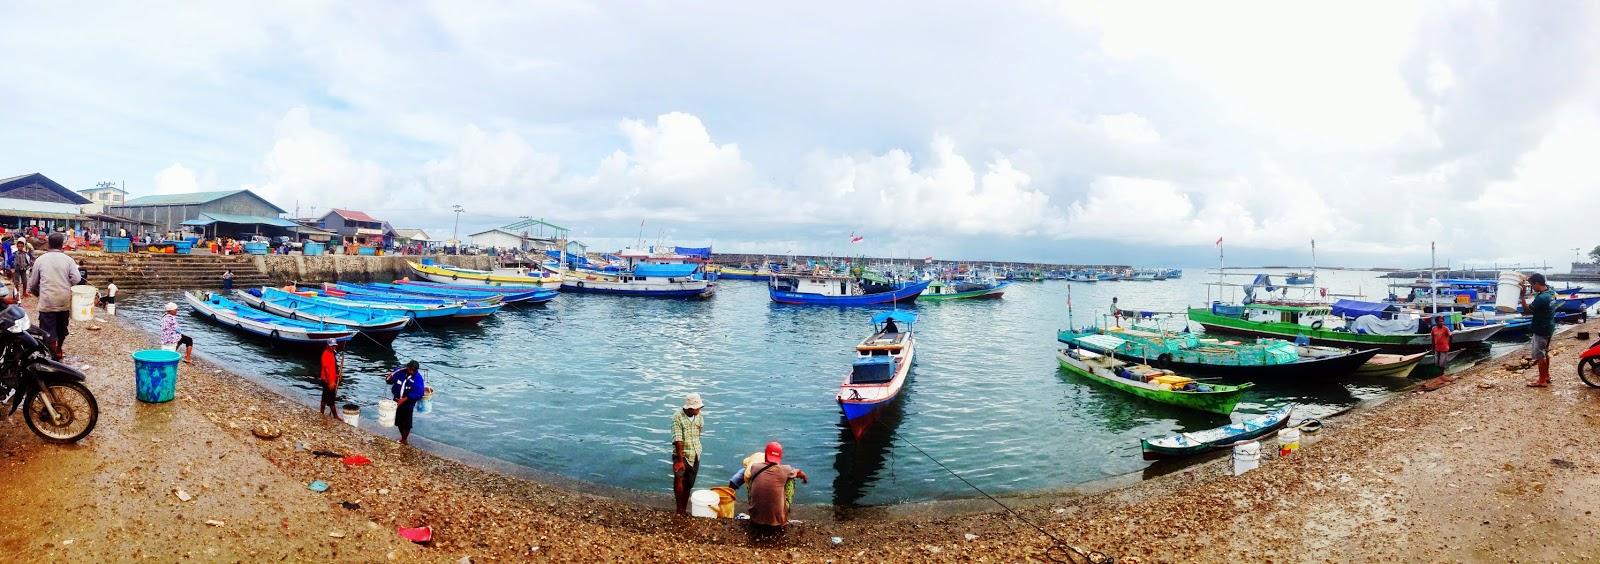 Everyday Holiday Jelajah Kupang Ntt Pasar Tradisional Oeba Malam Kampung